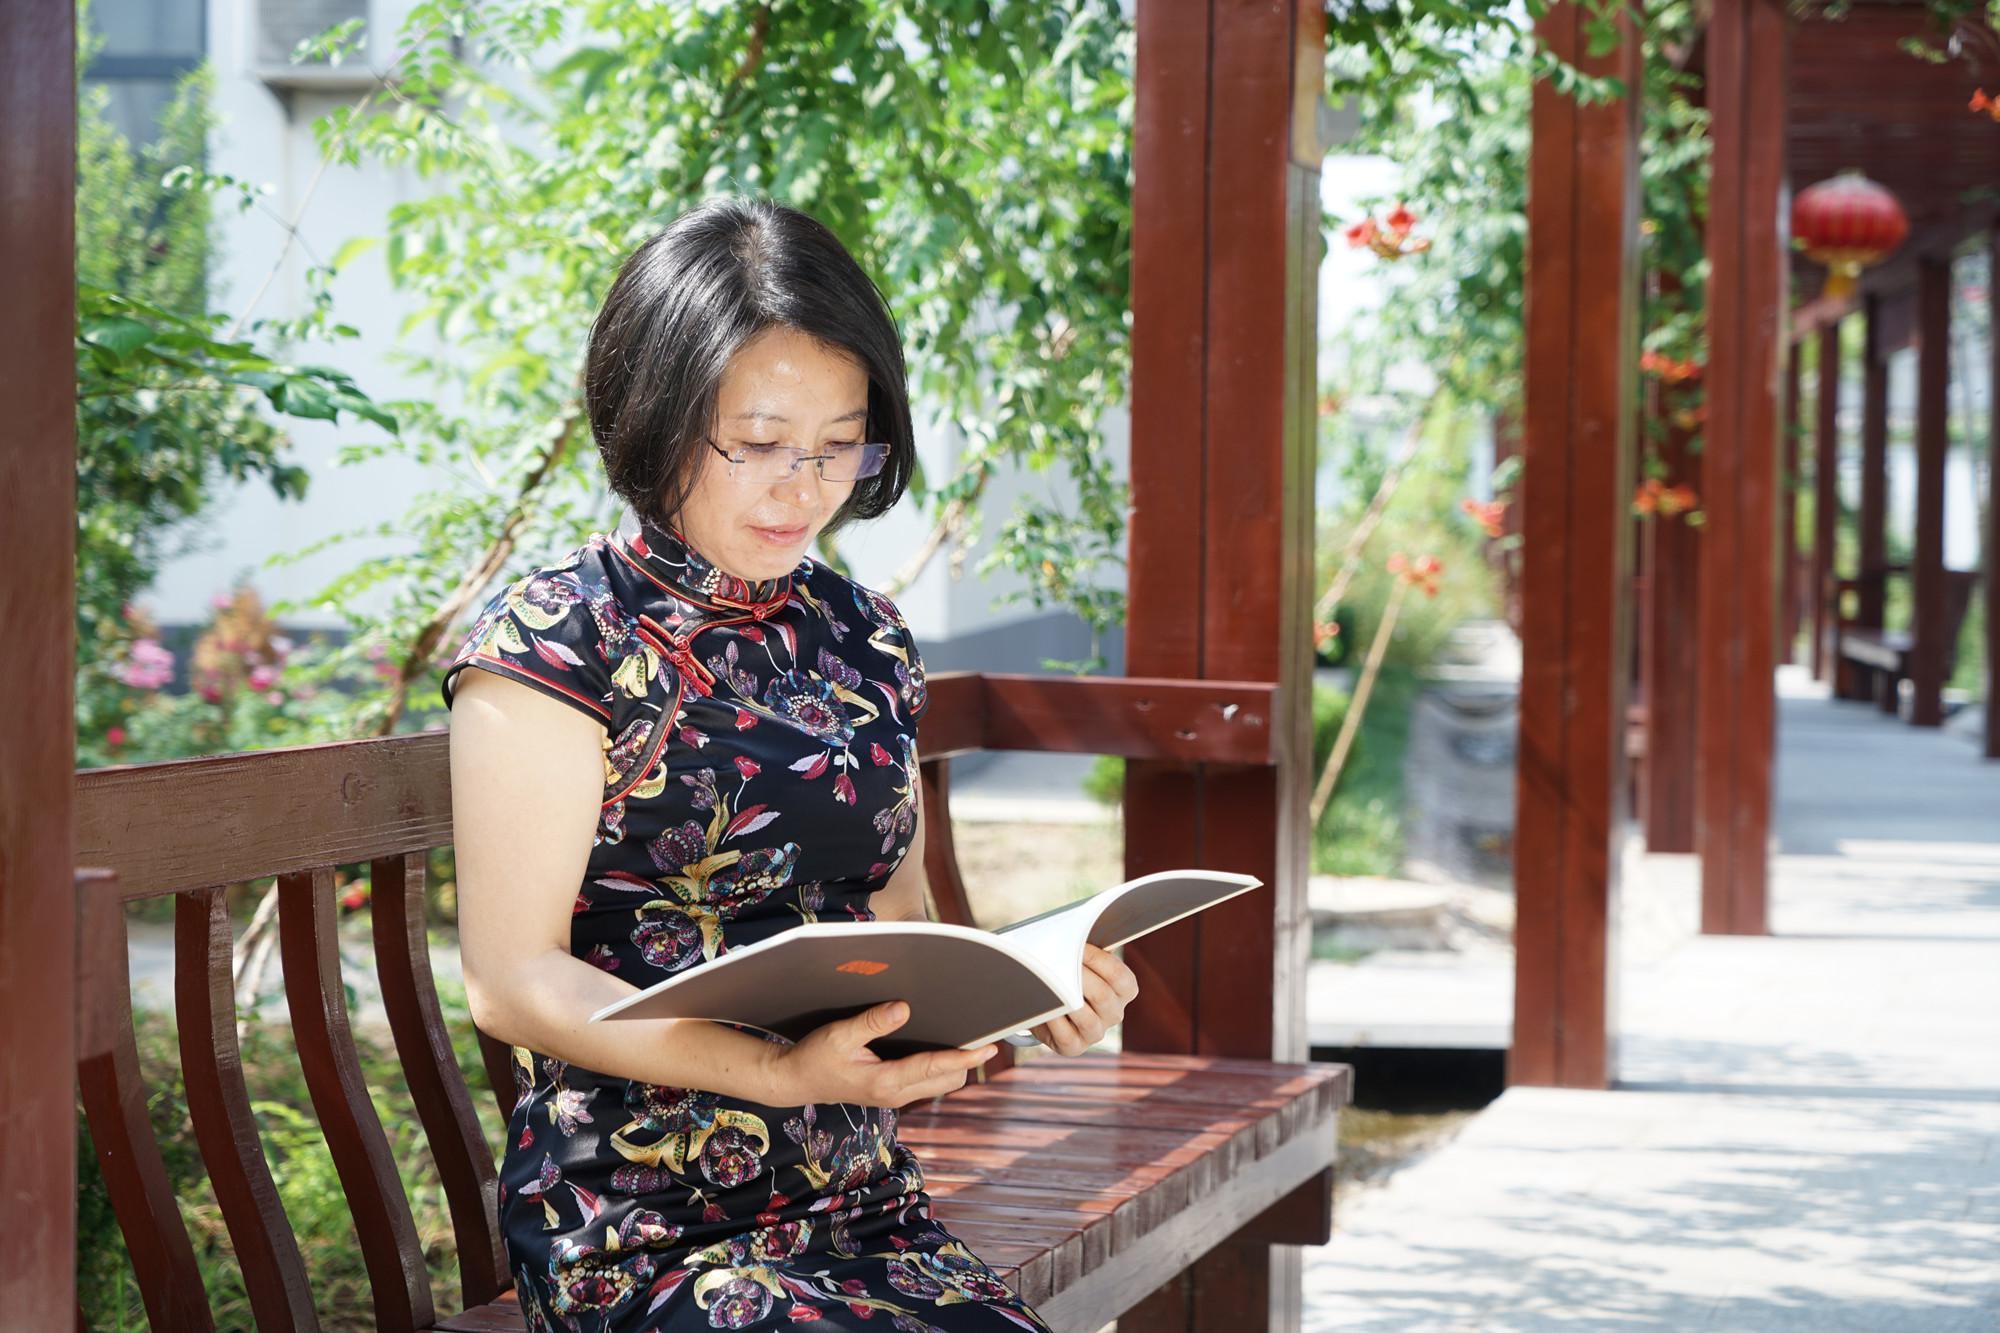 大美巨鹿串枝红杏节,麓园画院翰墨飘香时